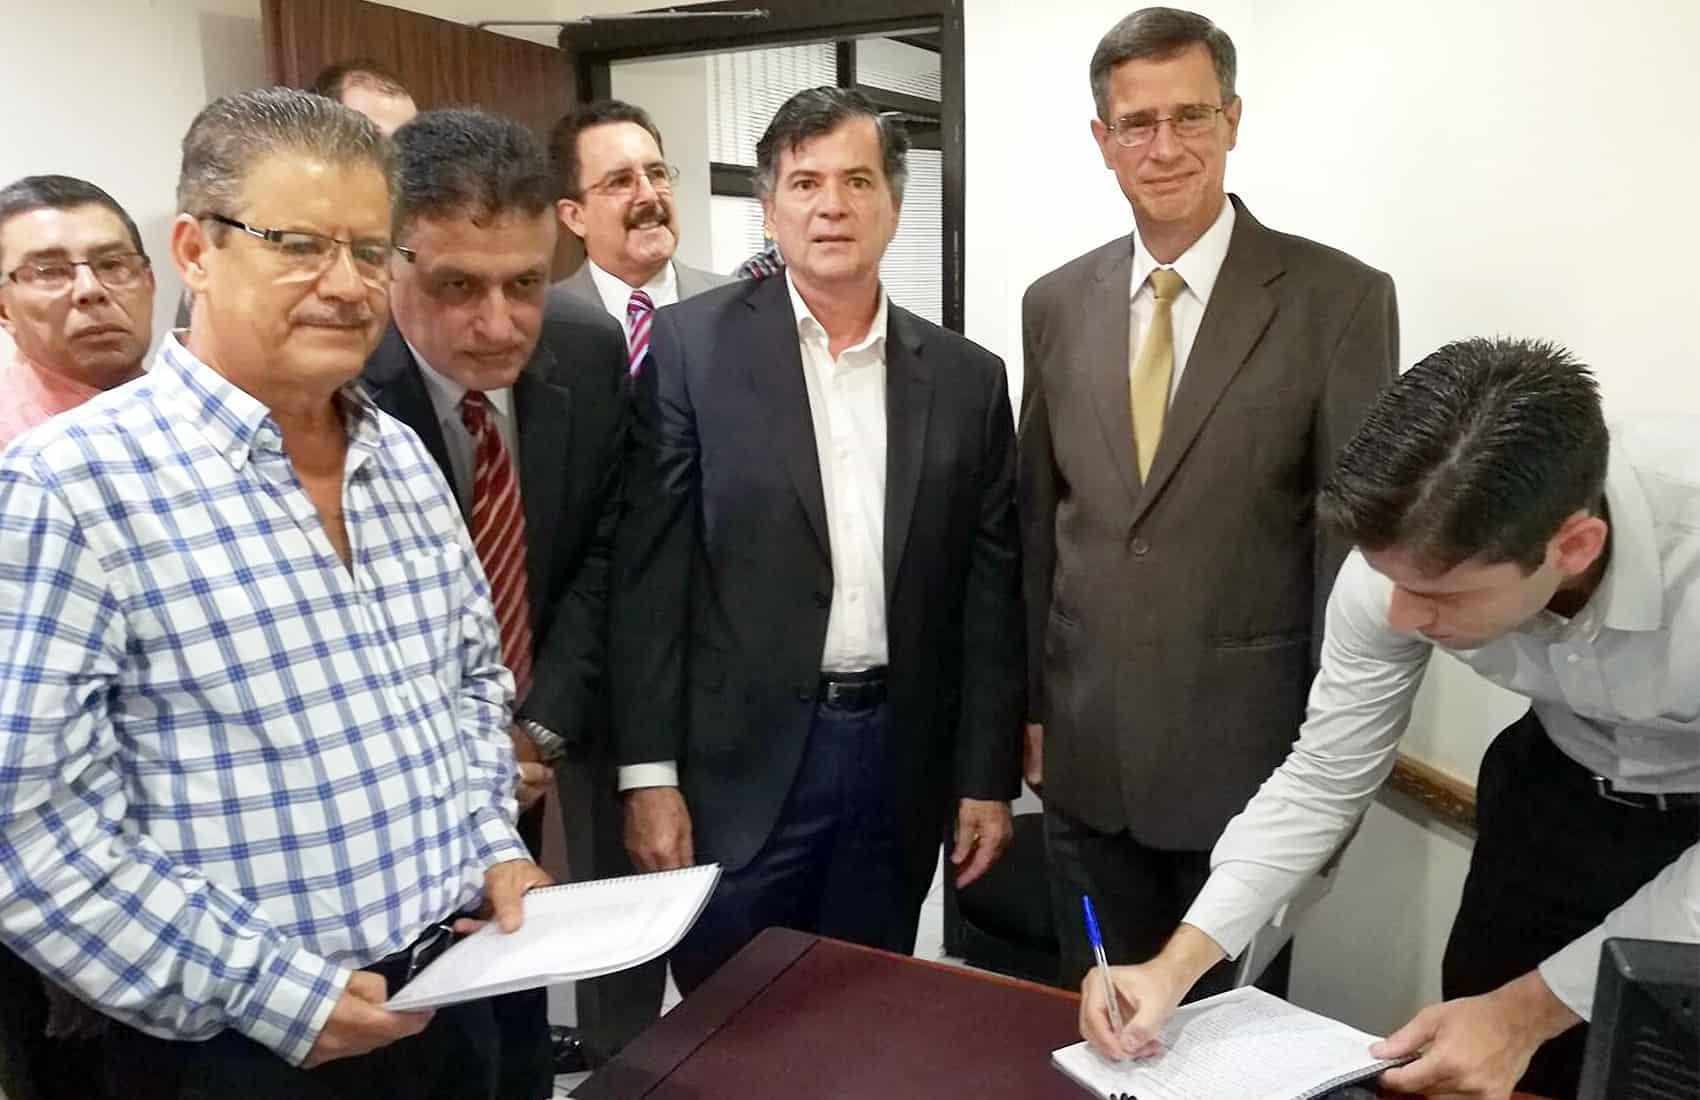 Nueva Constitución CR group files request for referendum. Constitution